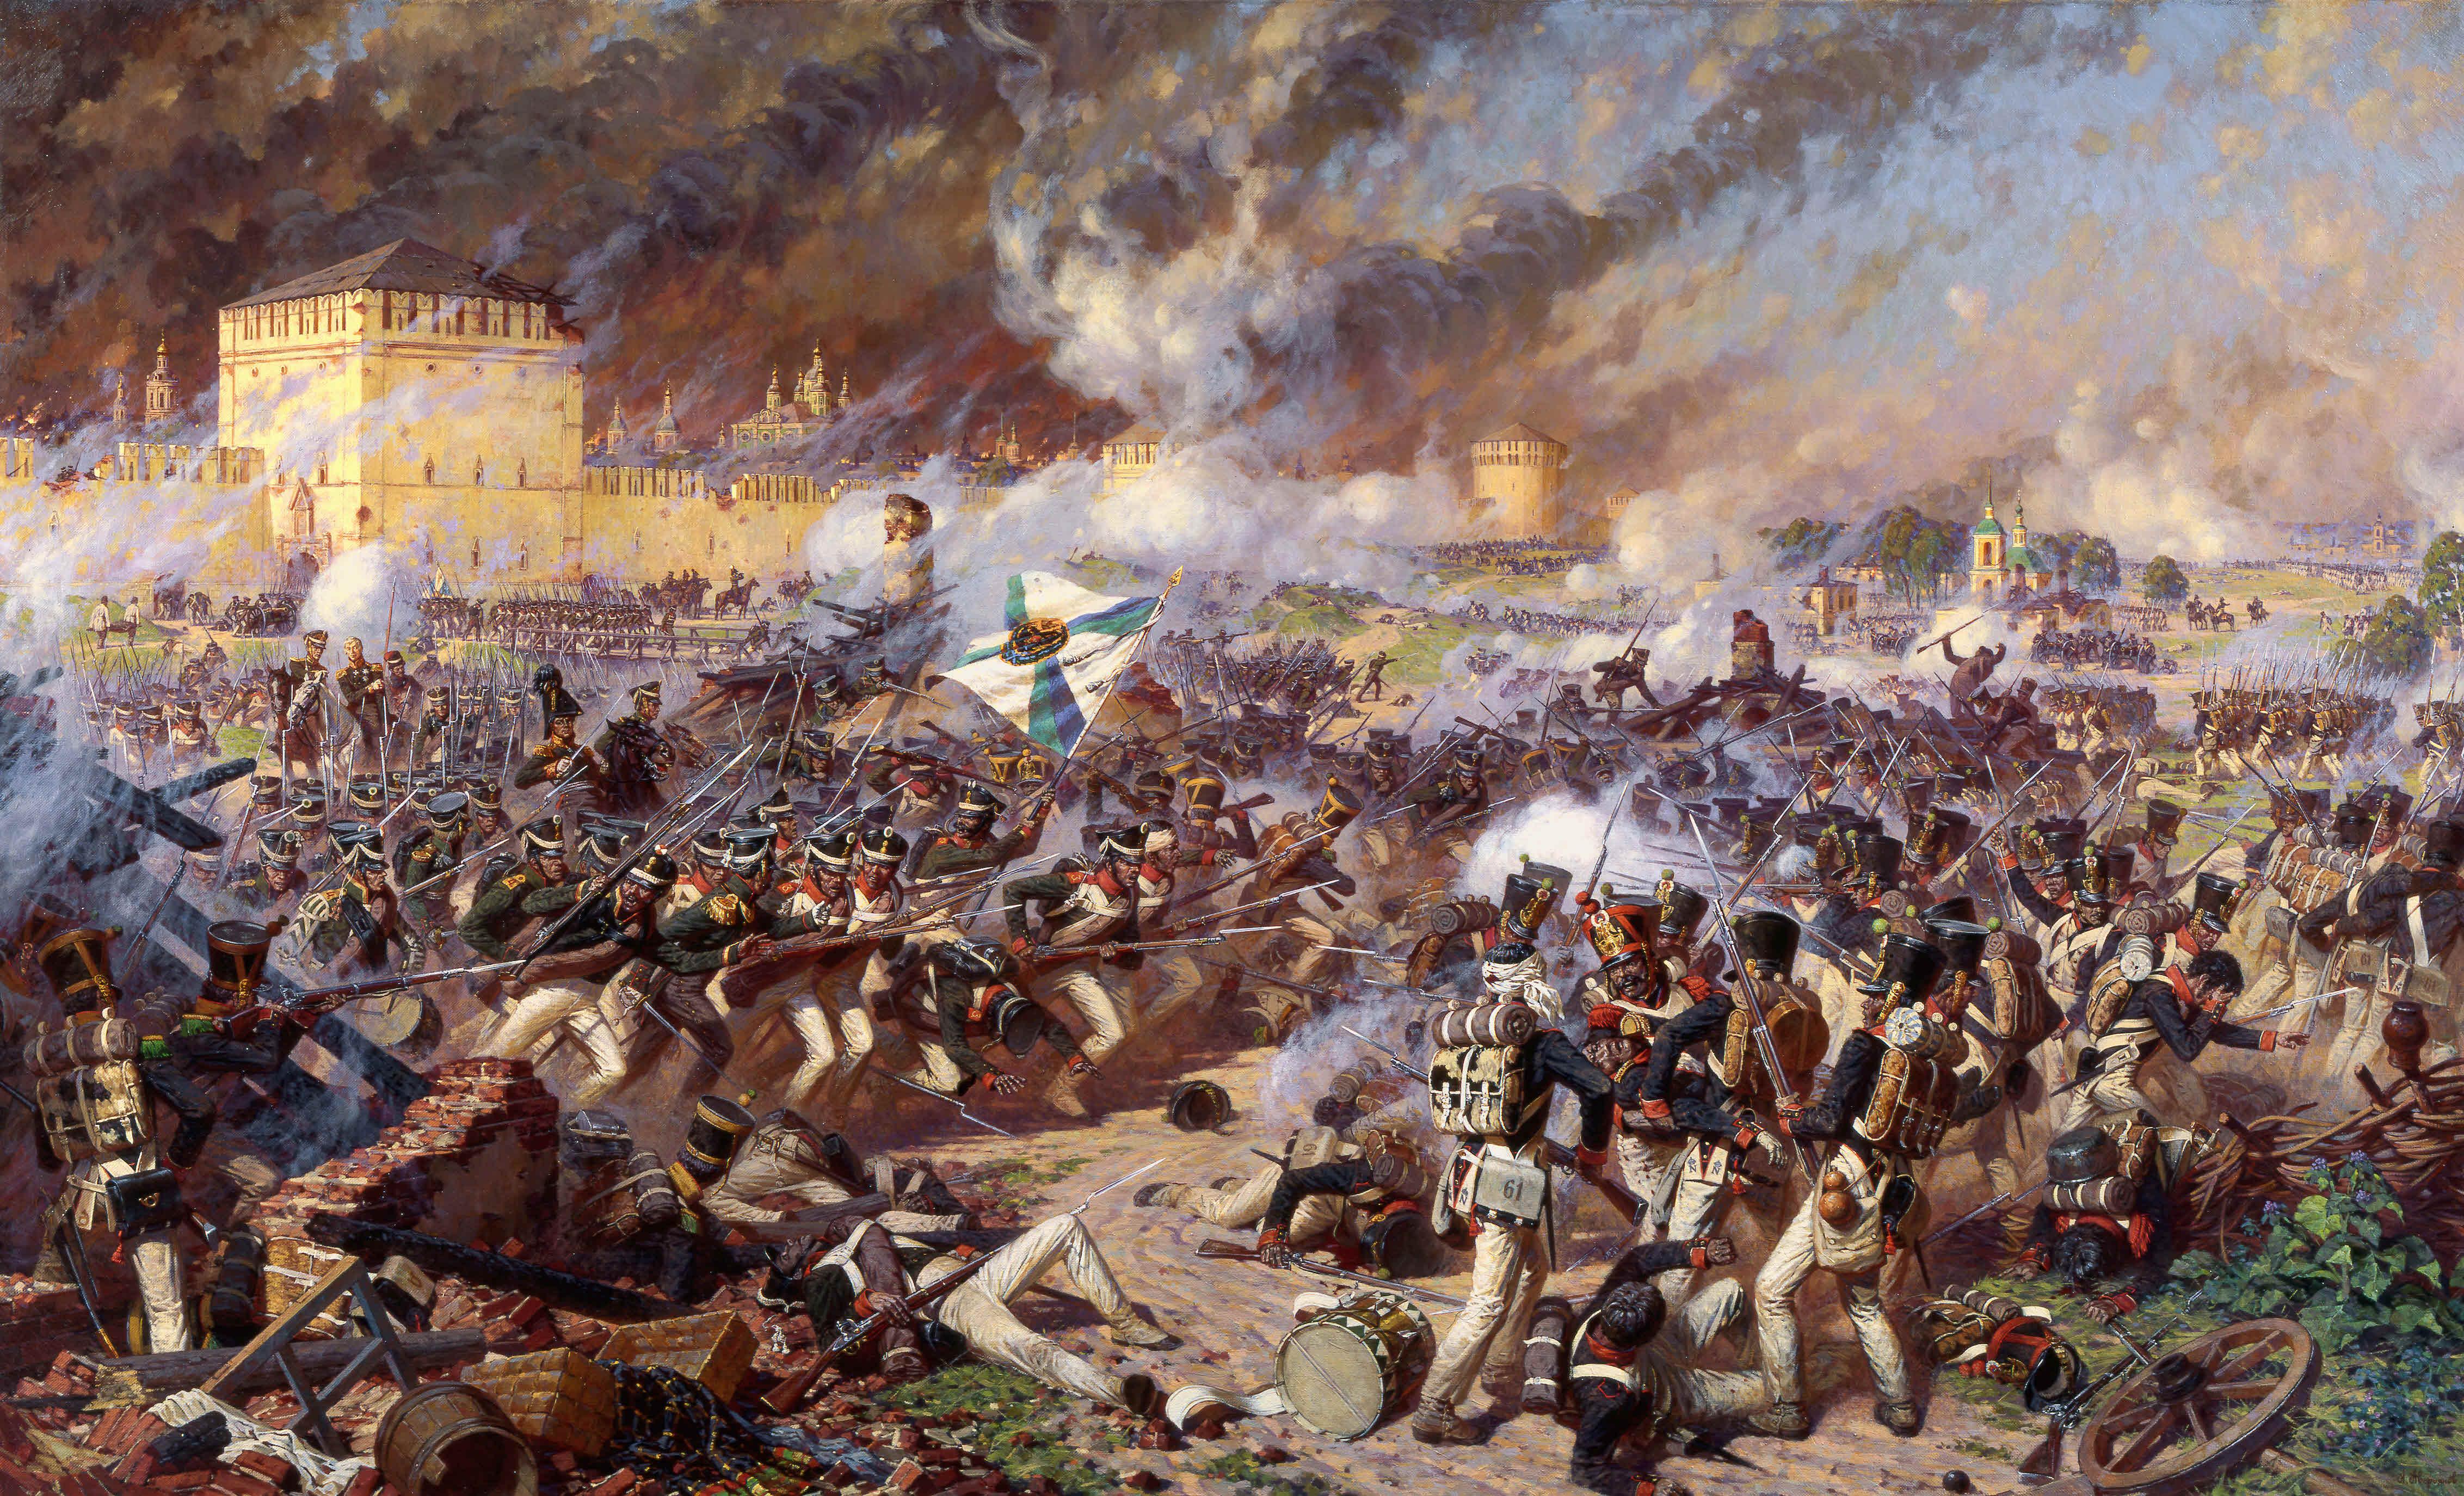 Campagne de Russie 1812. Alerter les modérateurs ...